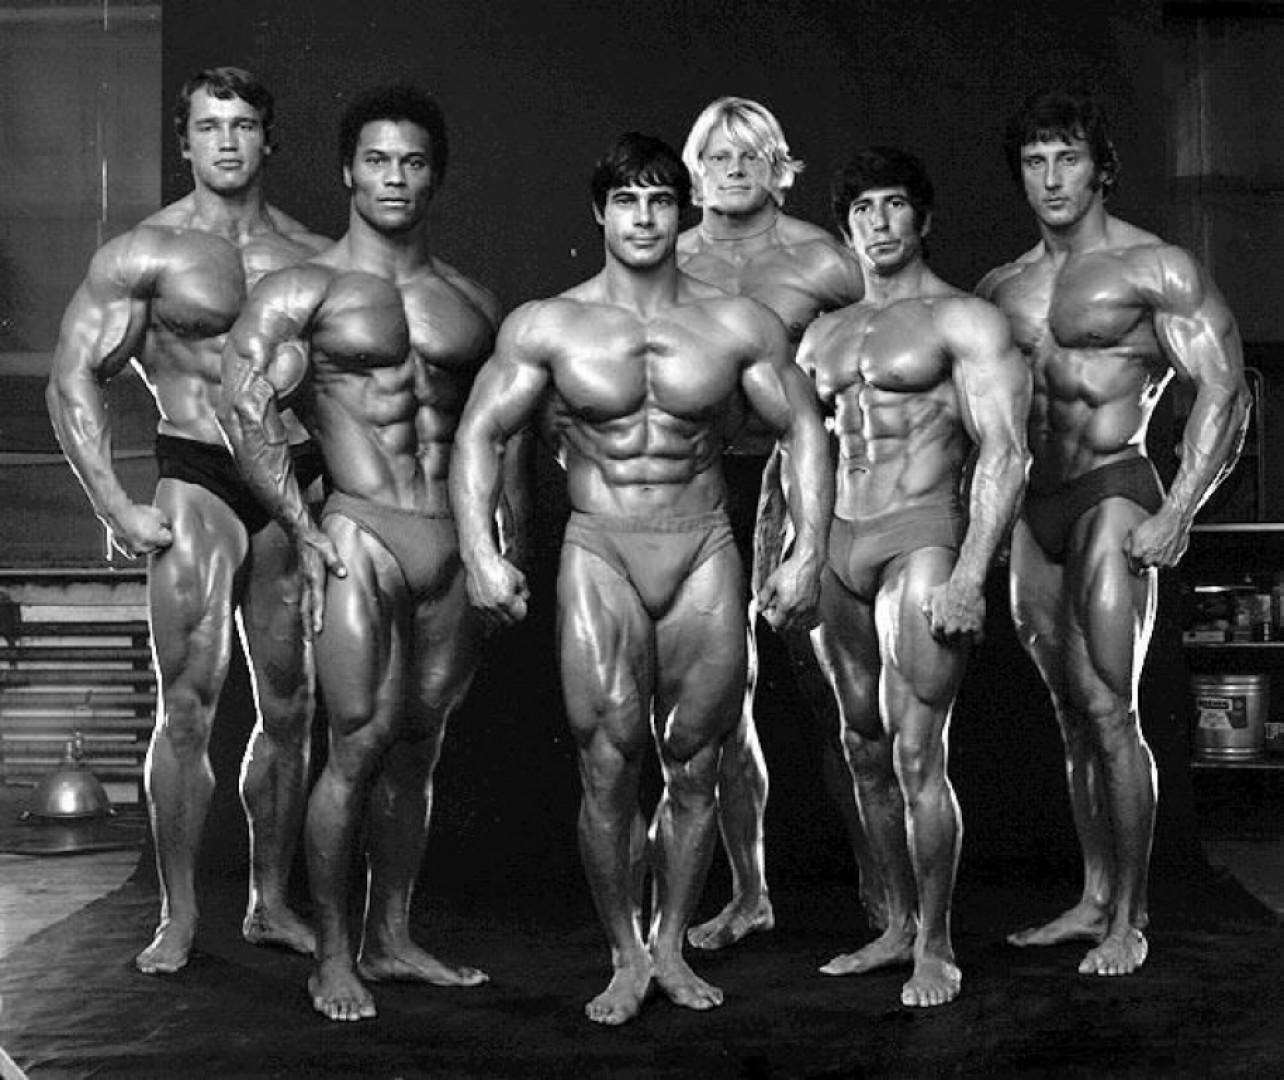 Chcete vědět, kolik toho vaše tělo zvládne? Přihlaste se na kulturistickou soutěž.